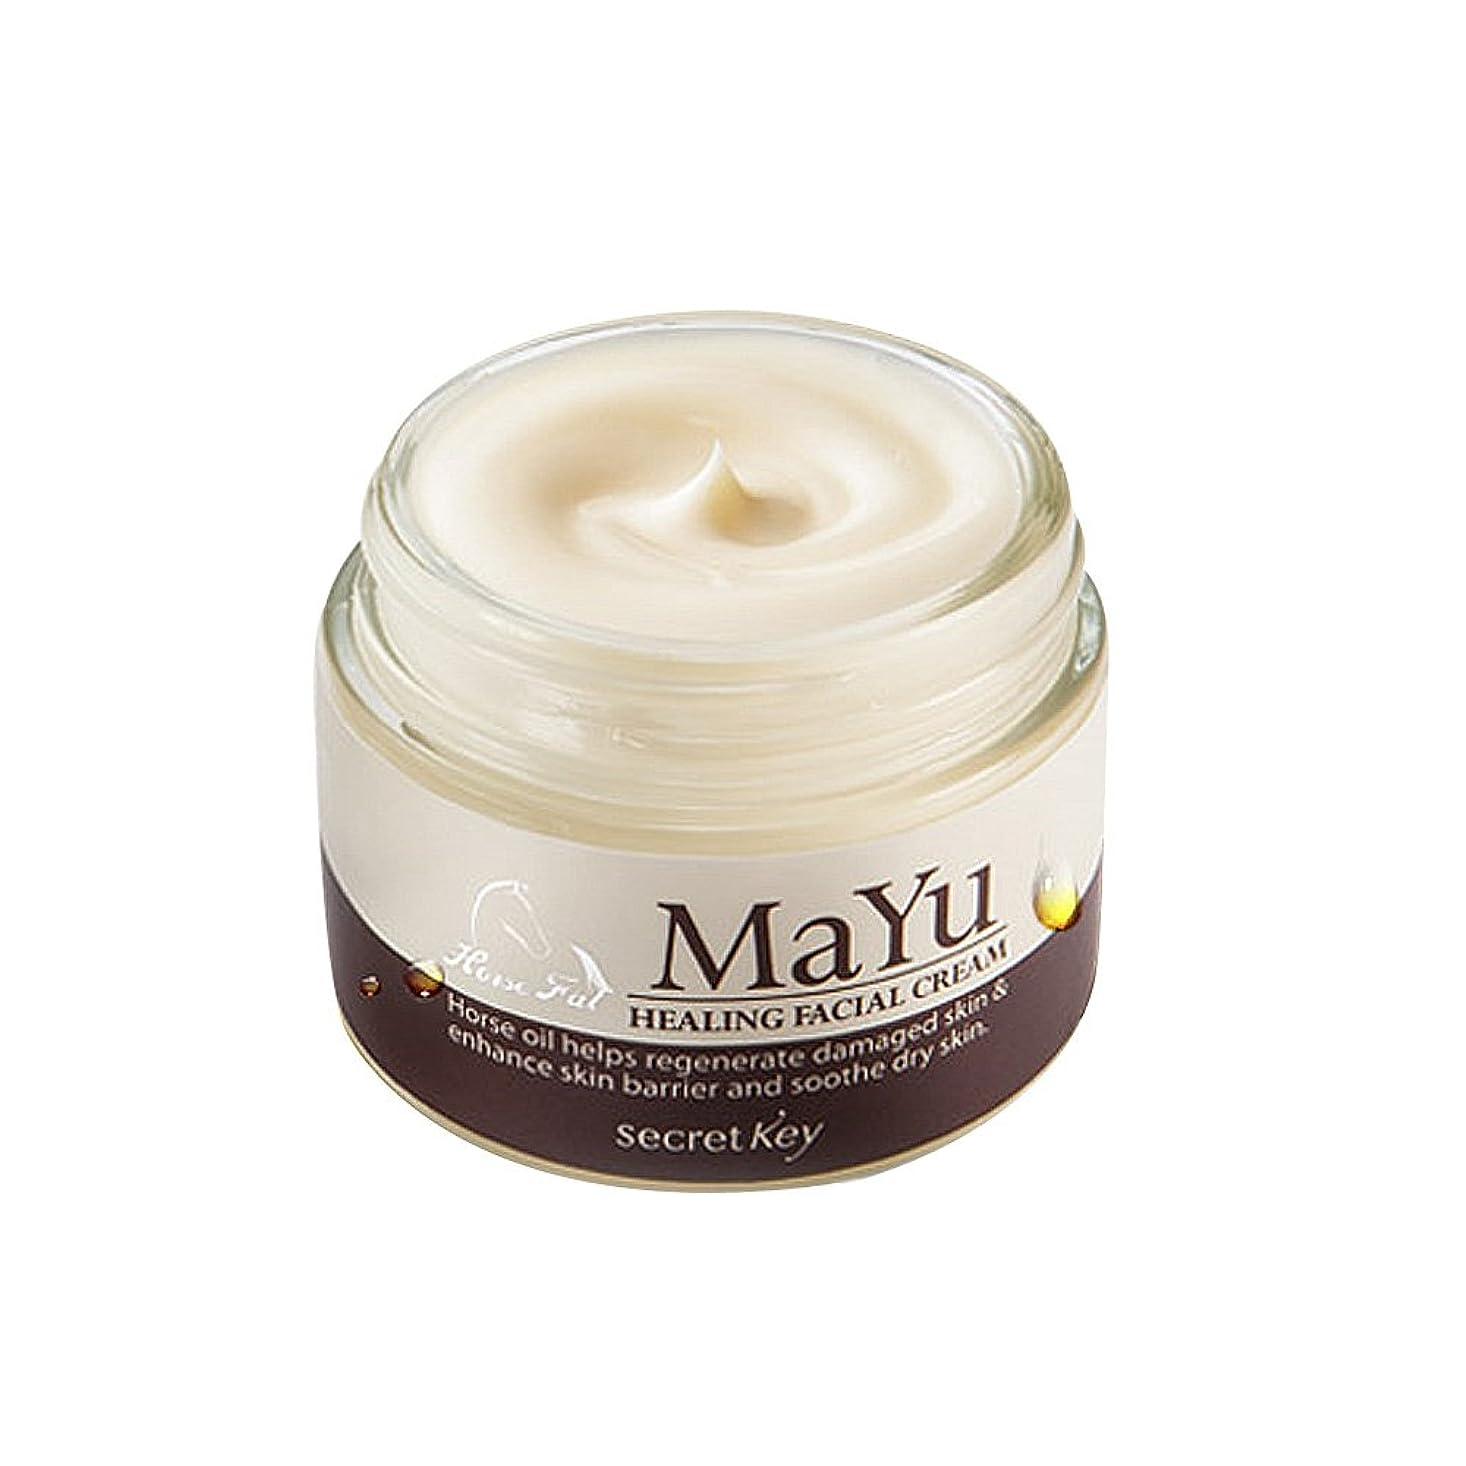 勝つ人種スーダン[シークレットキー]Secretkey 馬油ヒーリングフェイシャルクリーム70g 海外直送品 Mayu Healing Facial Cream 70g